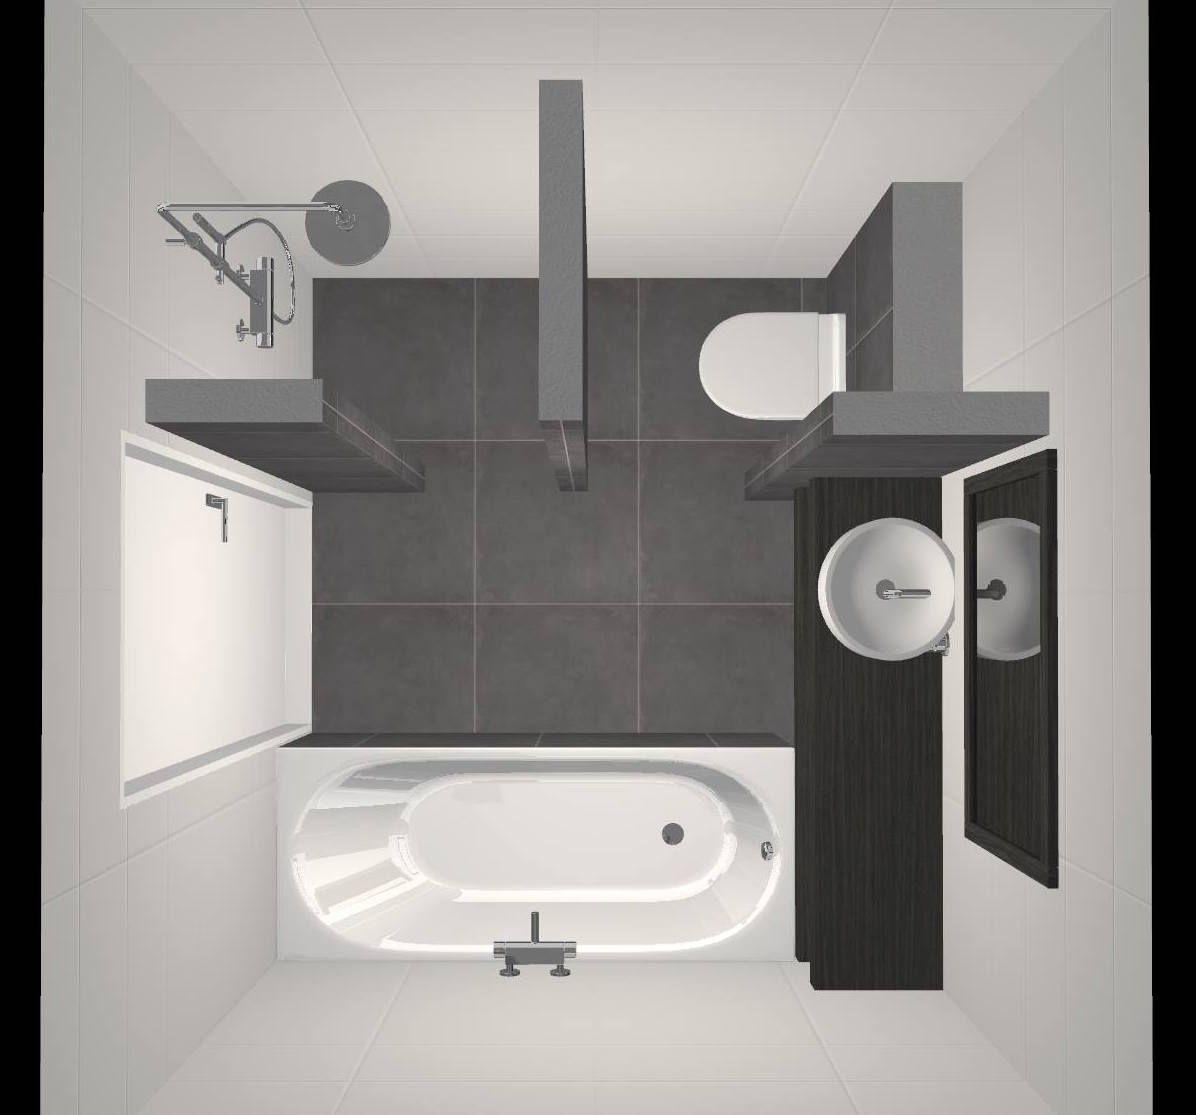 Kleine badkamer met douche bad wastafel en toilet ontwerp beniers badkamers foto 2 - Open douche ruimte ...